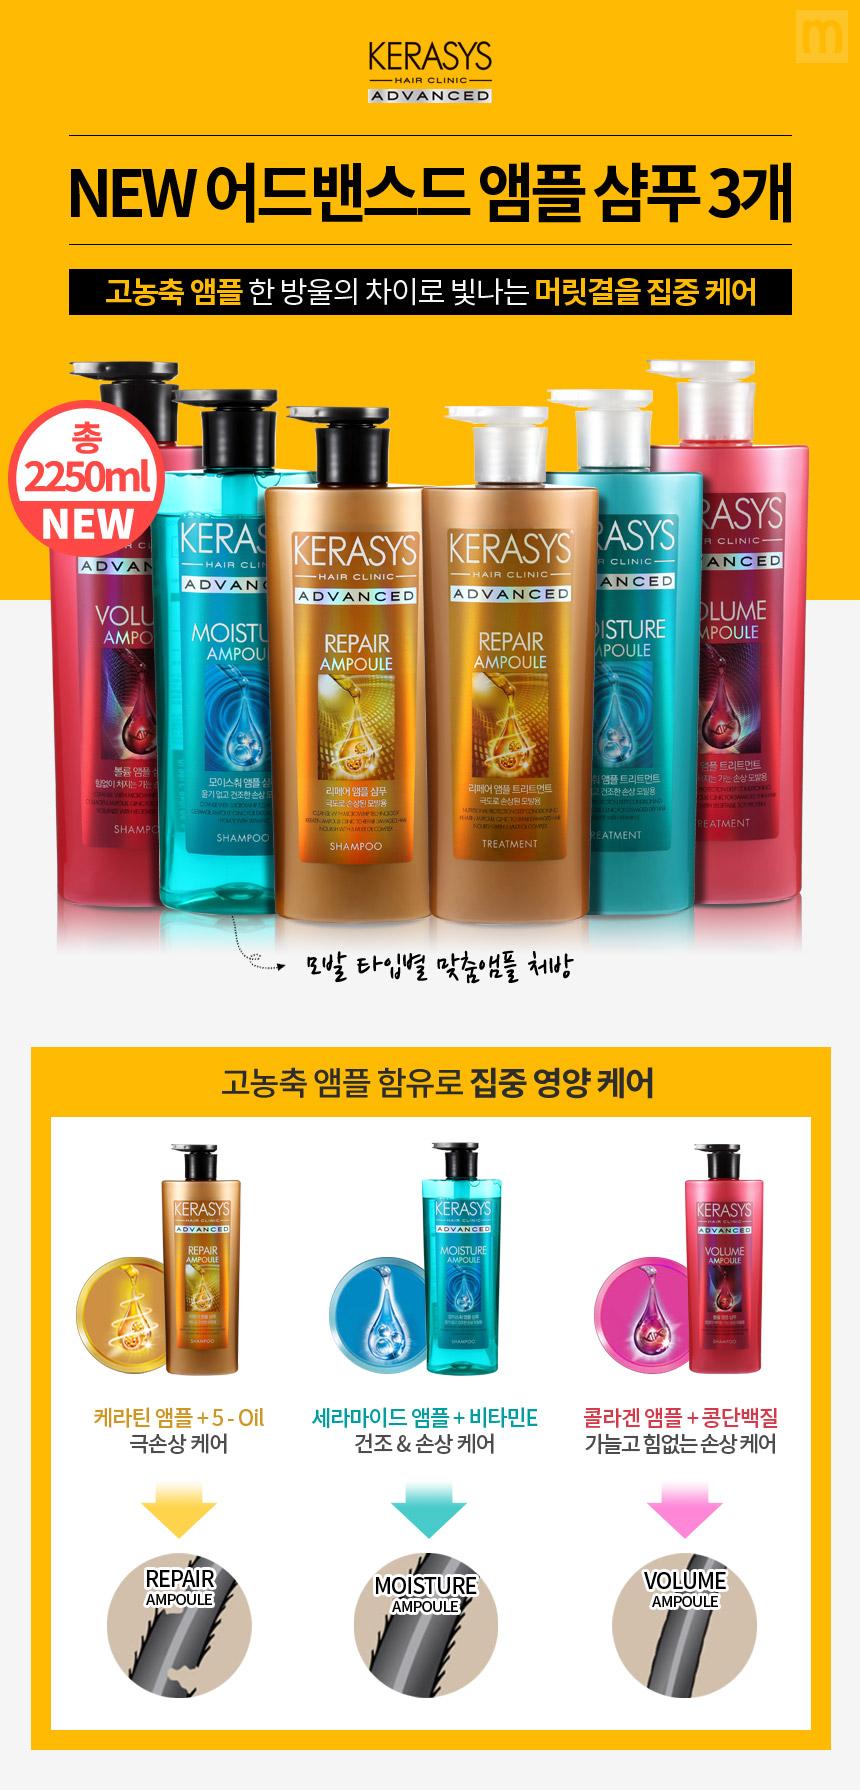 Dầu gội Kerasys Advanced Ampoule Repair phục hồi tóc hư tổn nặng Hàn Quốc 600ml tặng kèm móc khóa